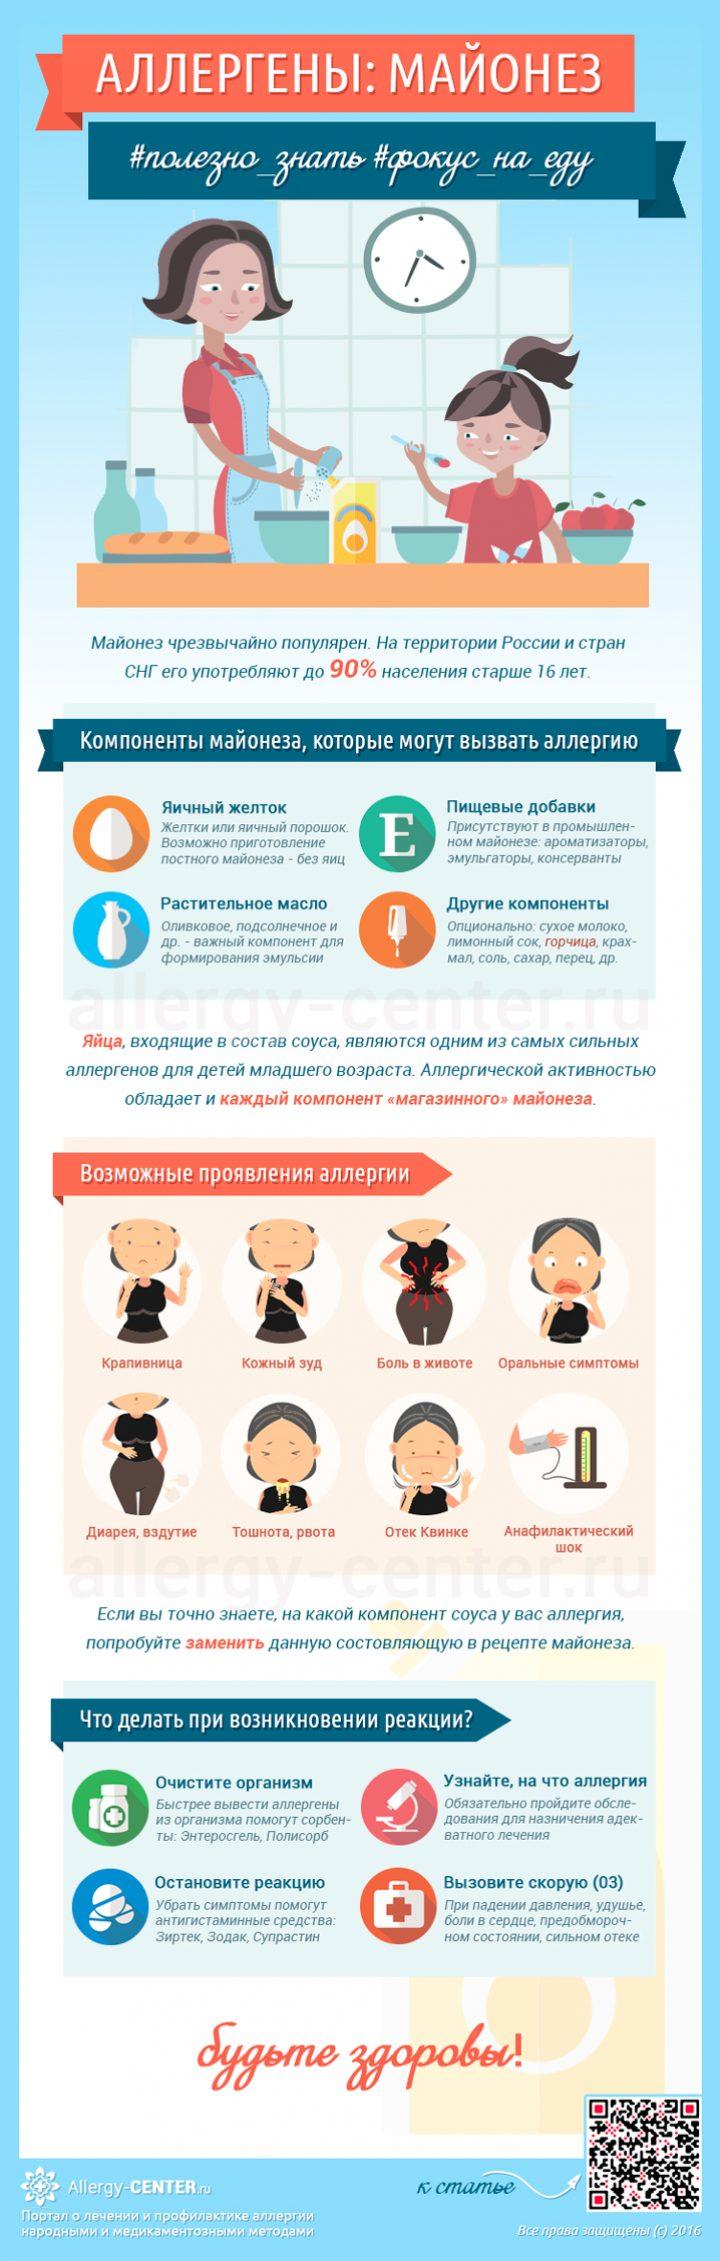 Карточка аллергена из статьи Аллергия на майонез: разбираем состав и возможные аллергены